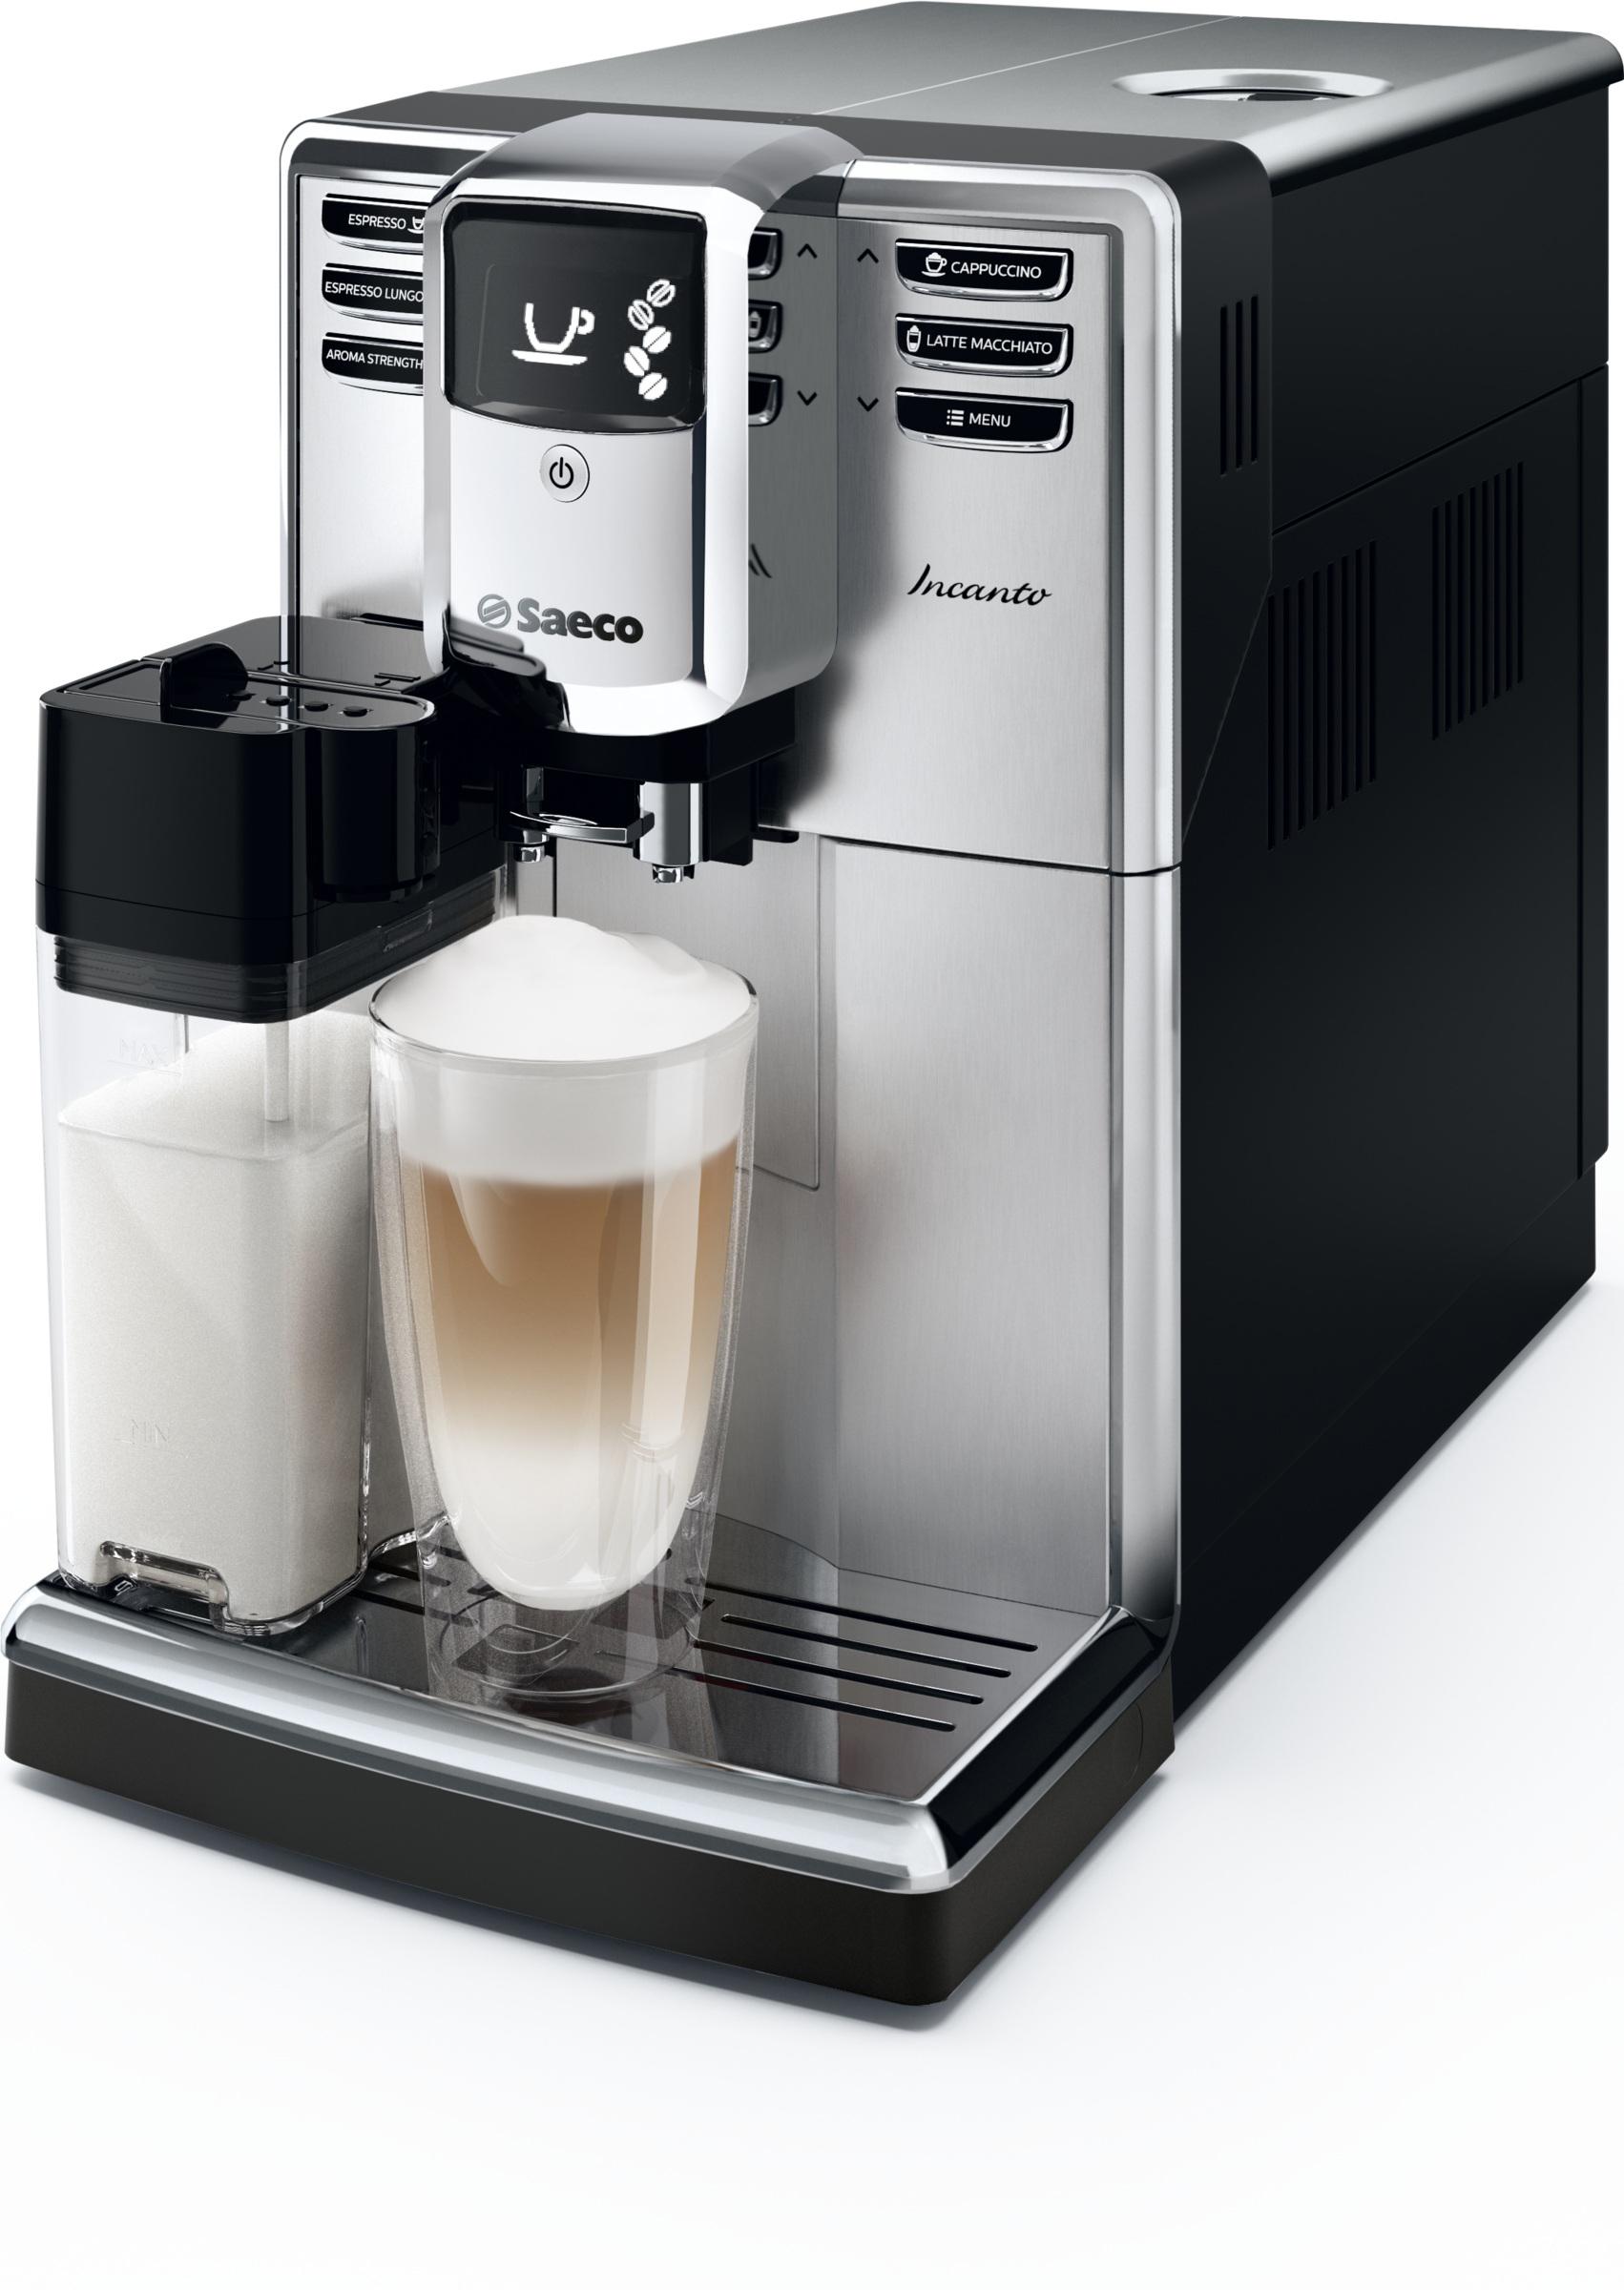 Die neue Saeco Incanto mit AquaClean Filter vereint exzellente Kaffeequalität und elegantes Design